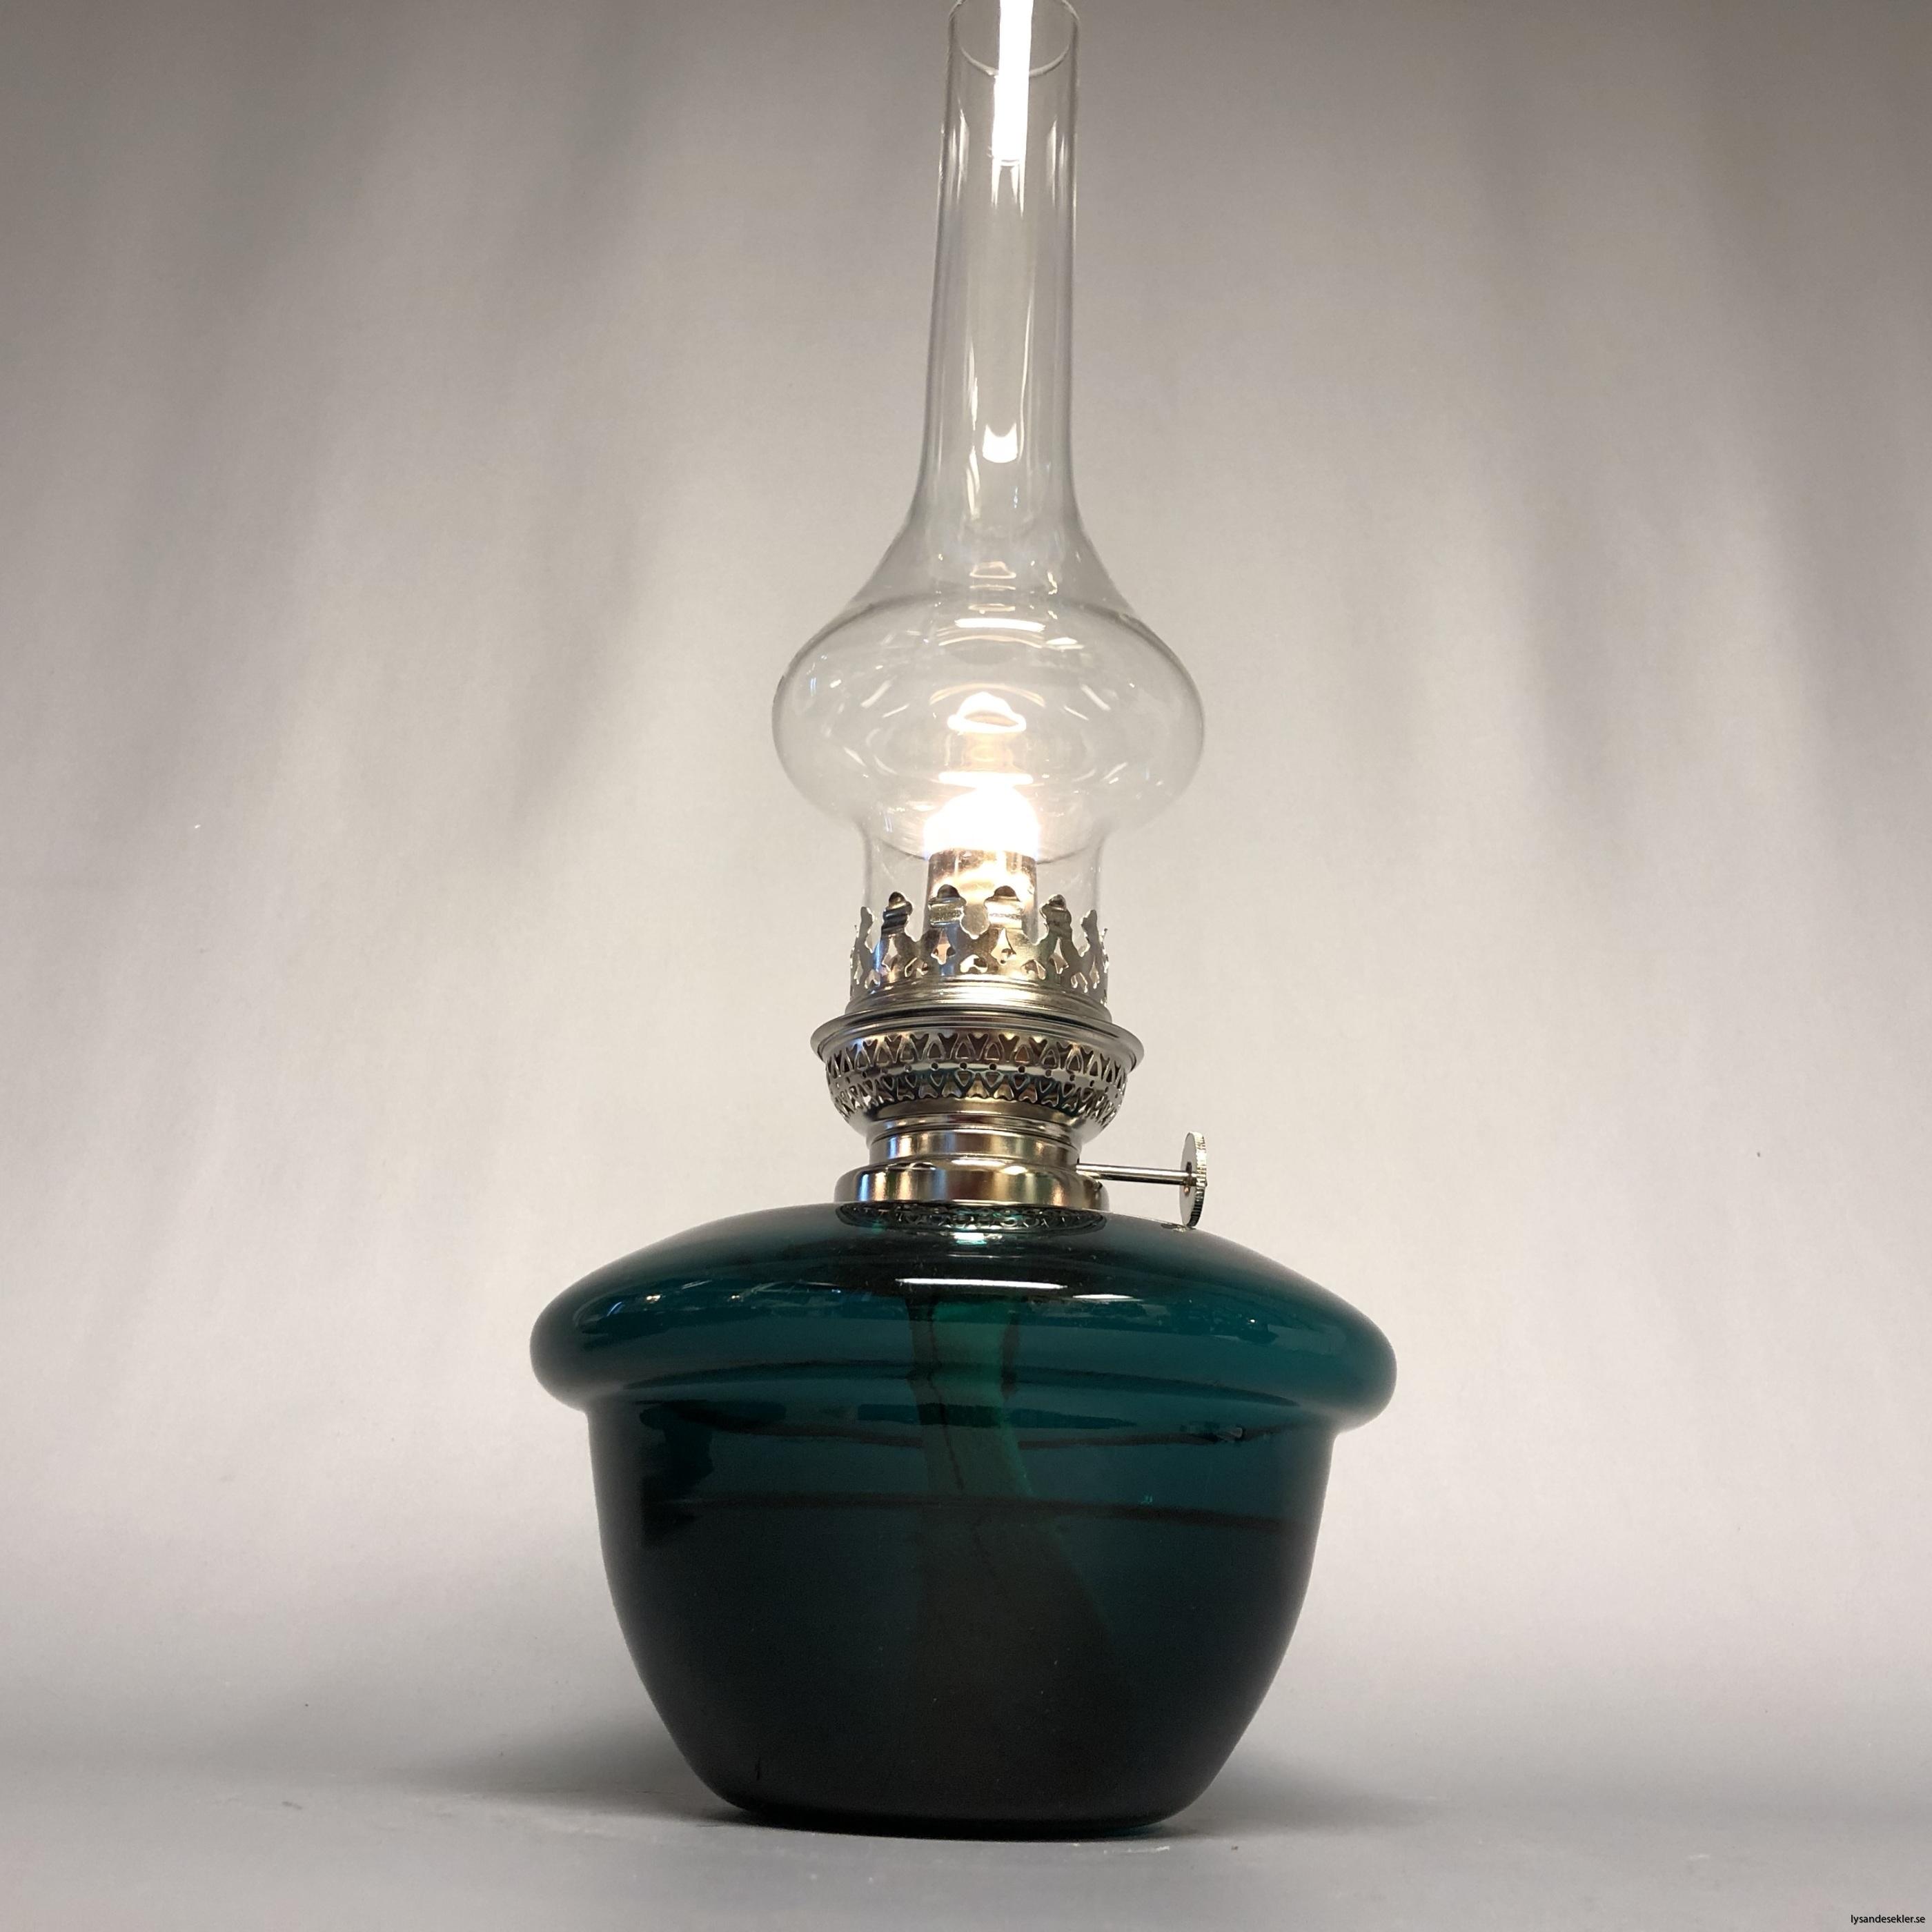 fotogenlampa fotogenlampor oljelampa oljelampor renoverad antik antikvitet42